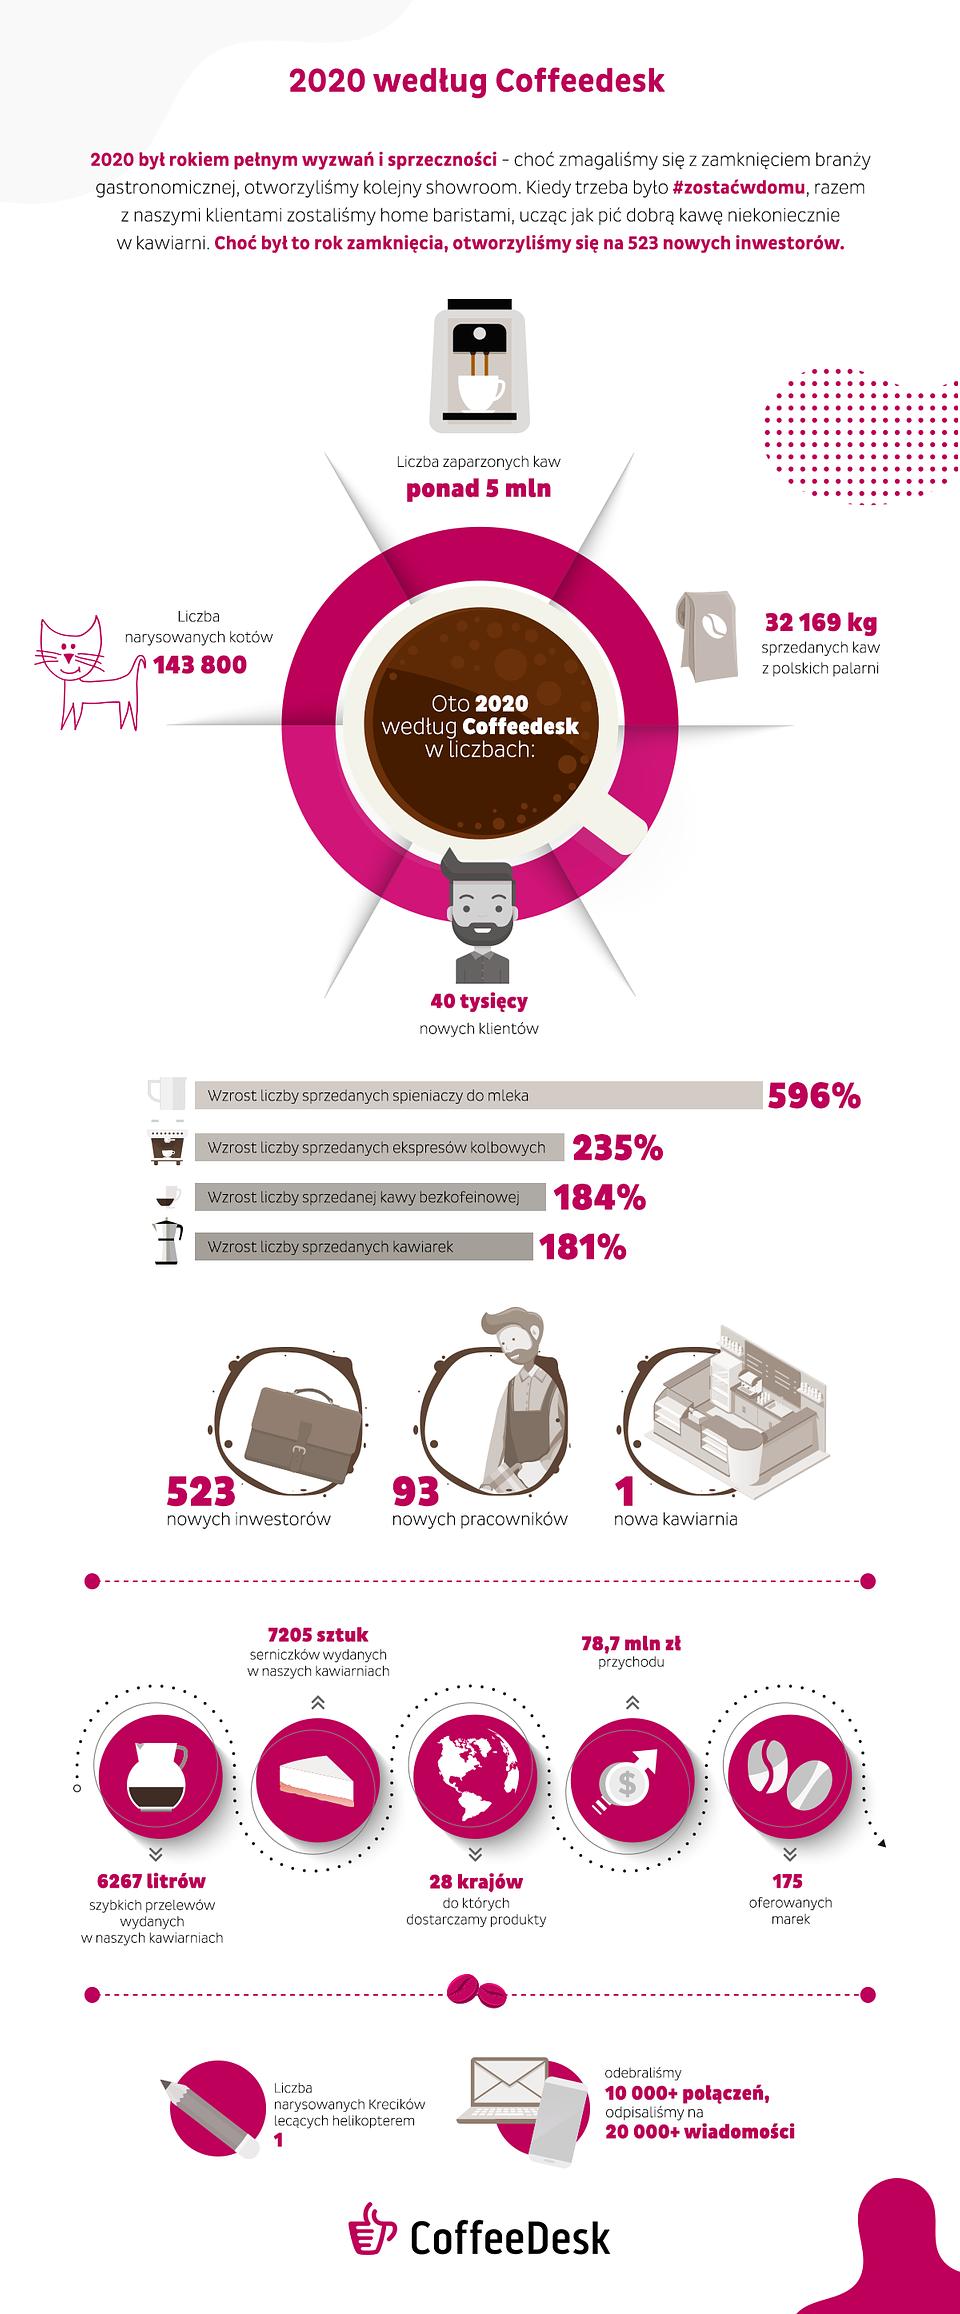 Podsumowanie 2020 roku według Coffeedesk